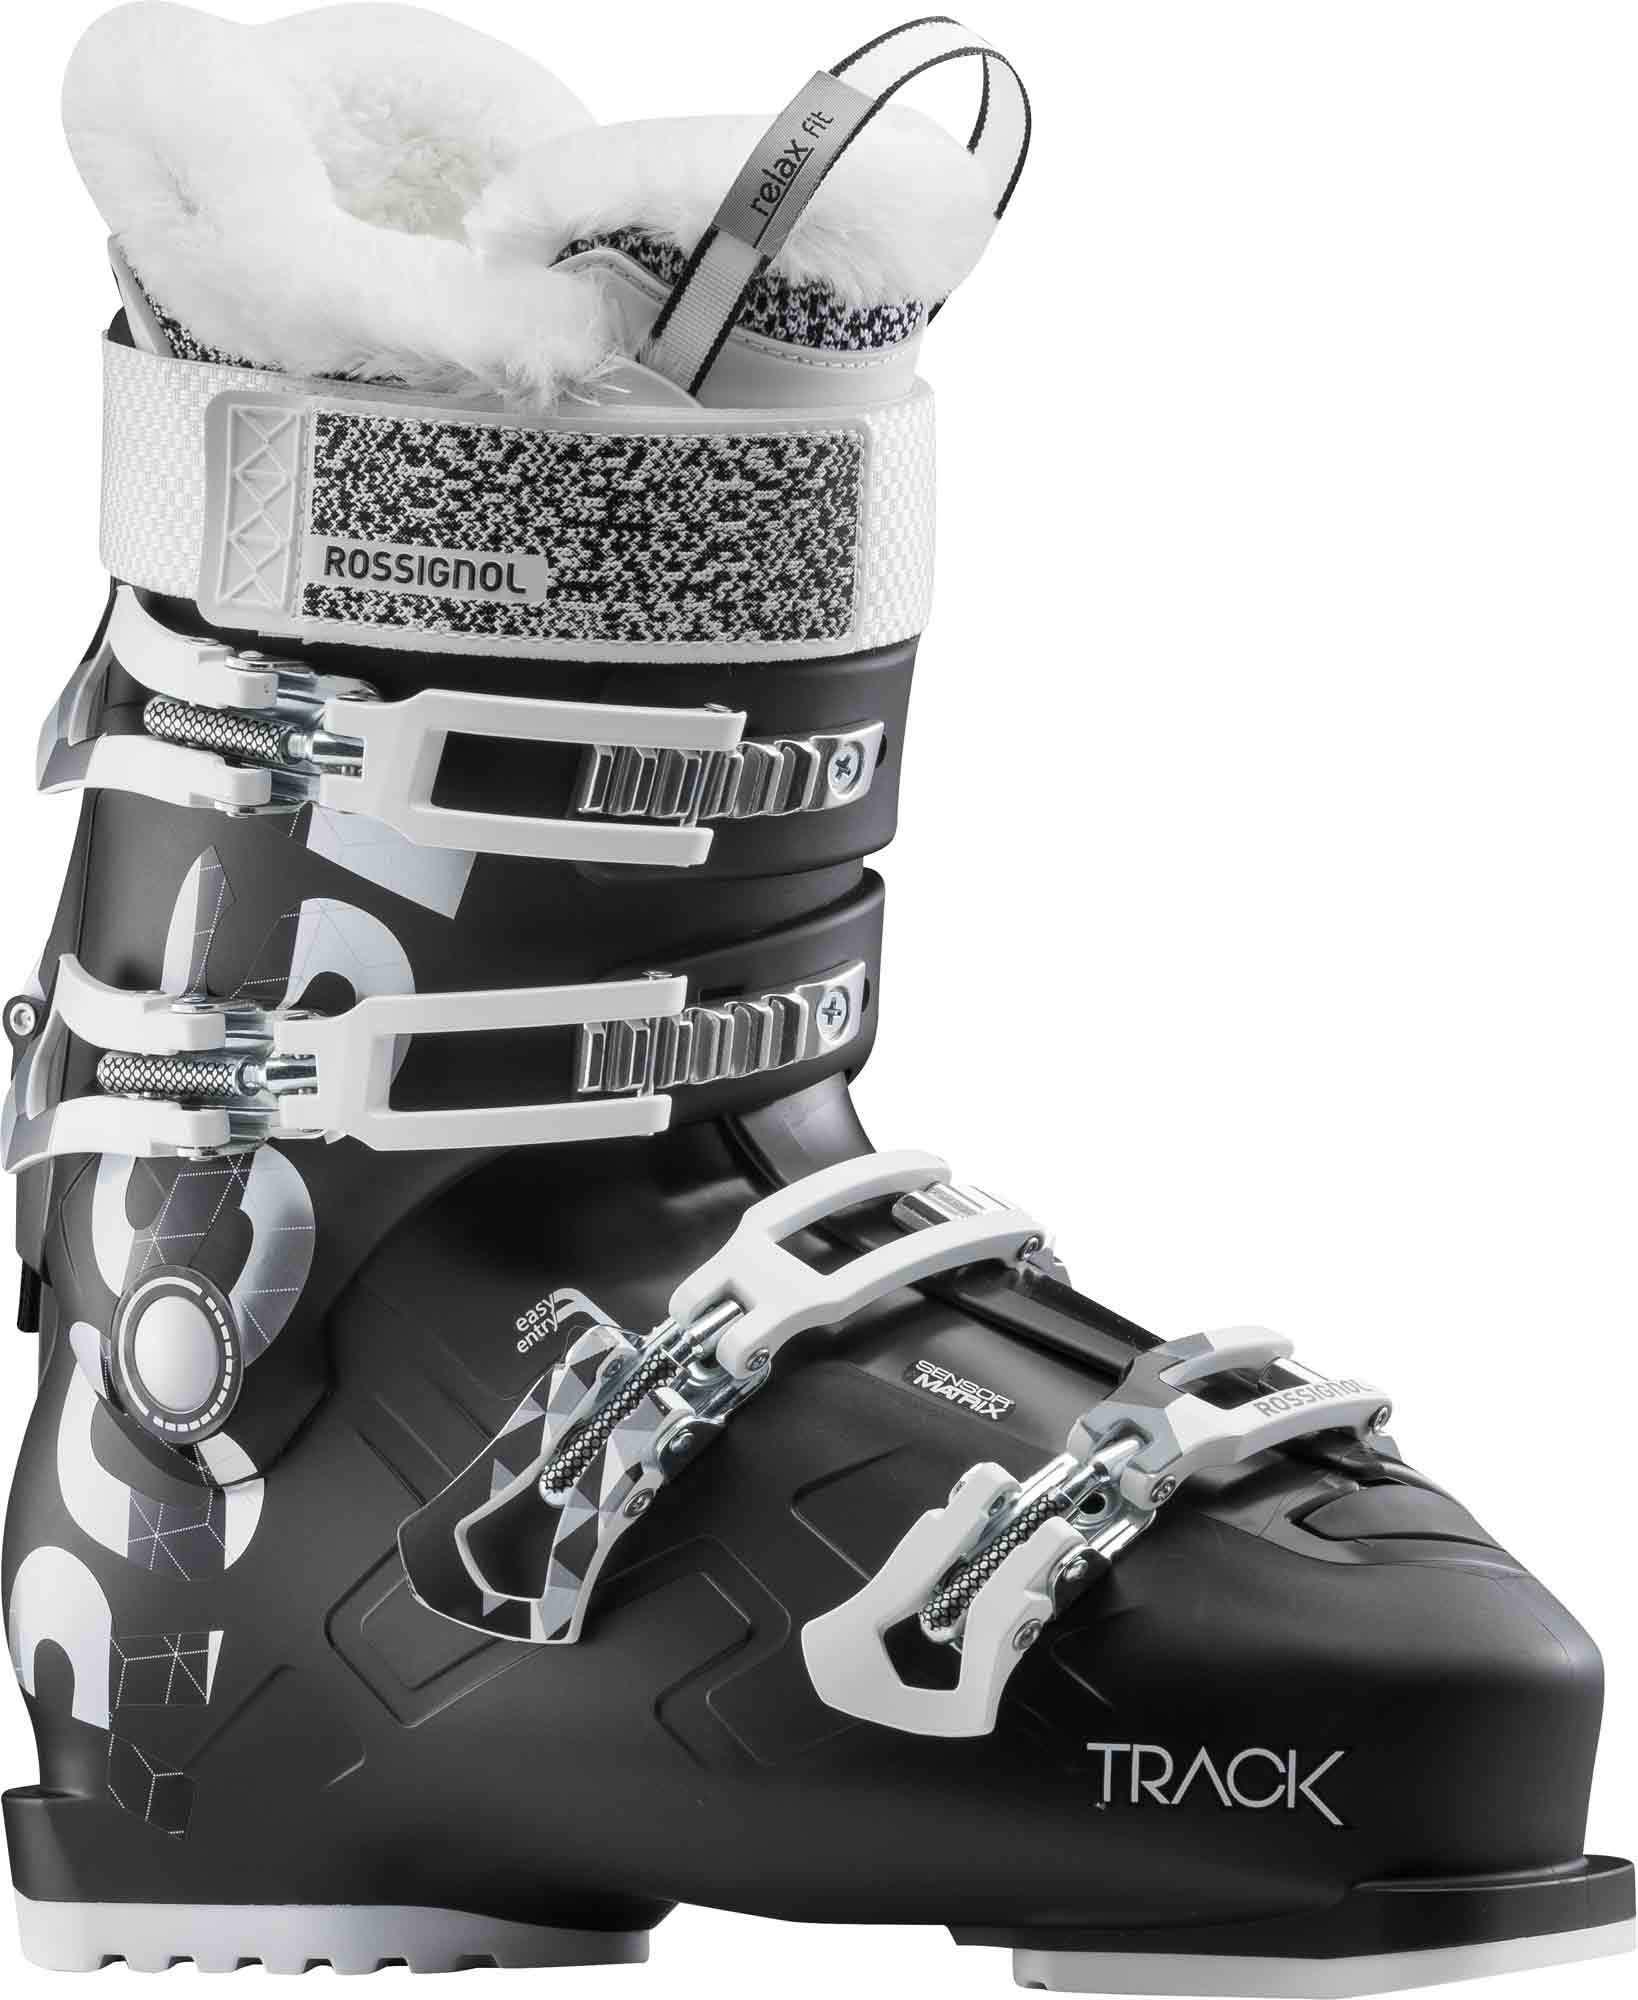 Горнолыжные ботинки Rossignol Track 70 W 2018,